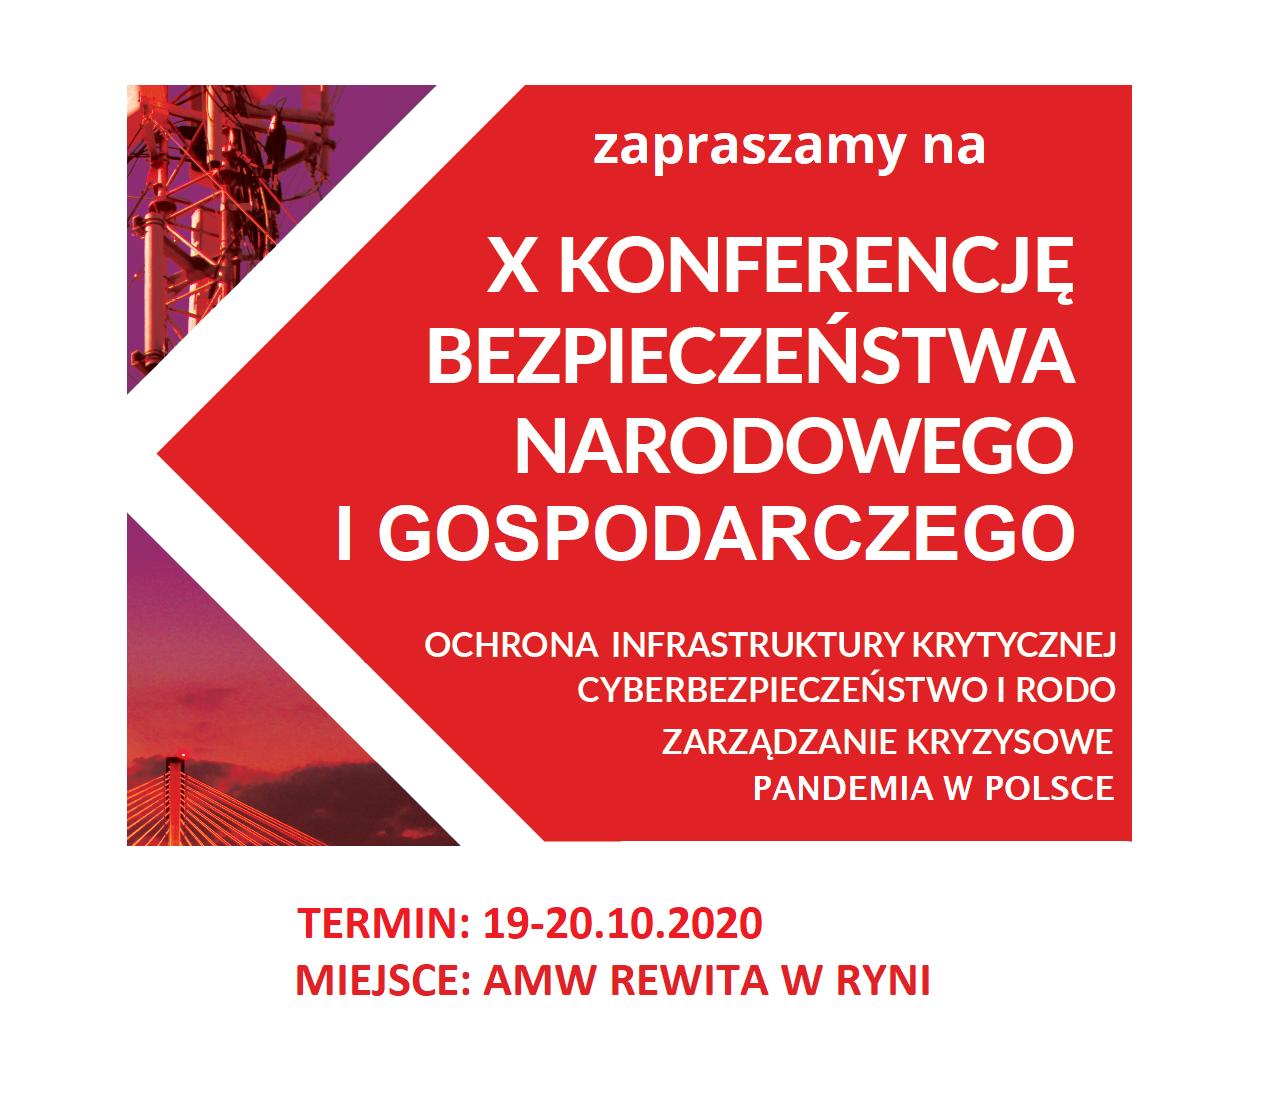 X Konferencja Bezpieczeństwa Narodowego i Gospodarczego